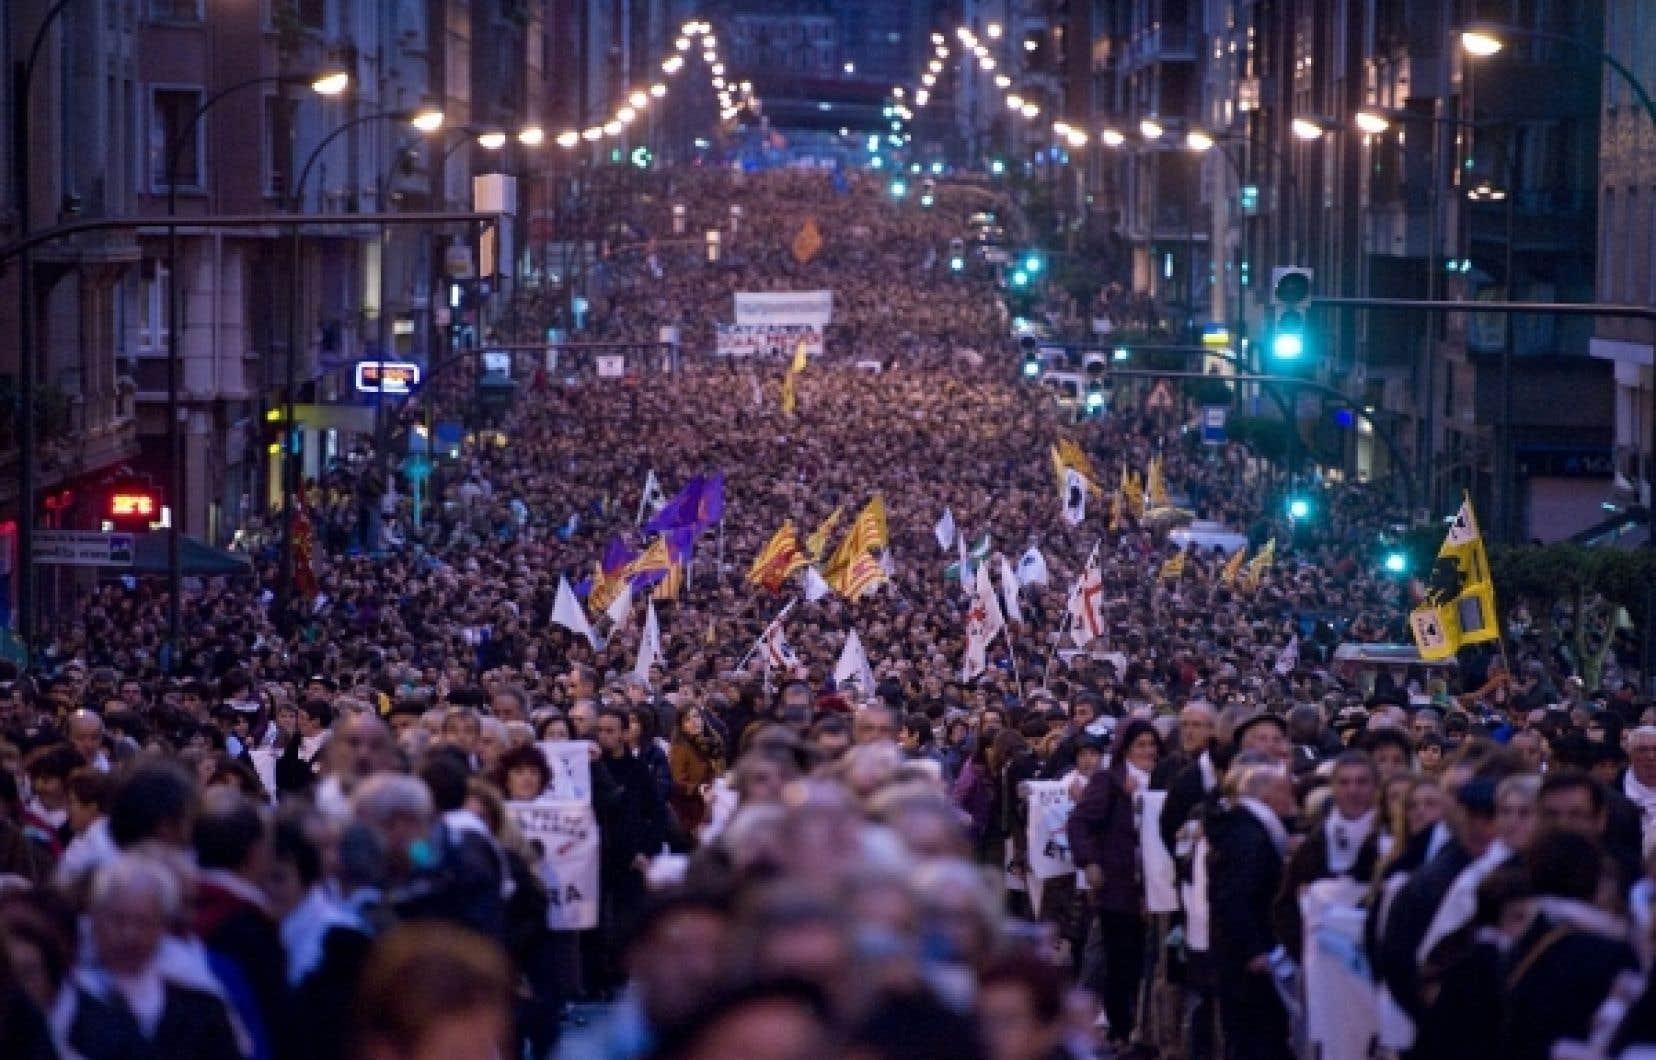 Les sympathisants de la cause séparatiste basque ont défilé en silence dans les rues de Bilbao cet après-midi.<br />